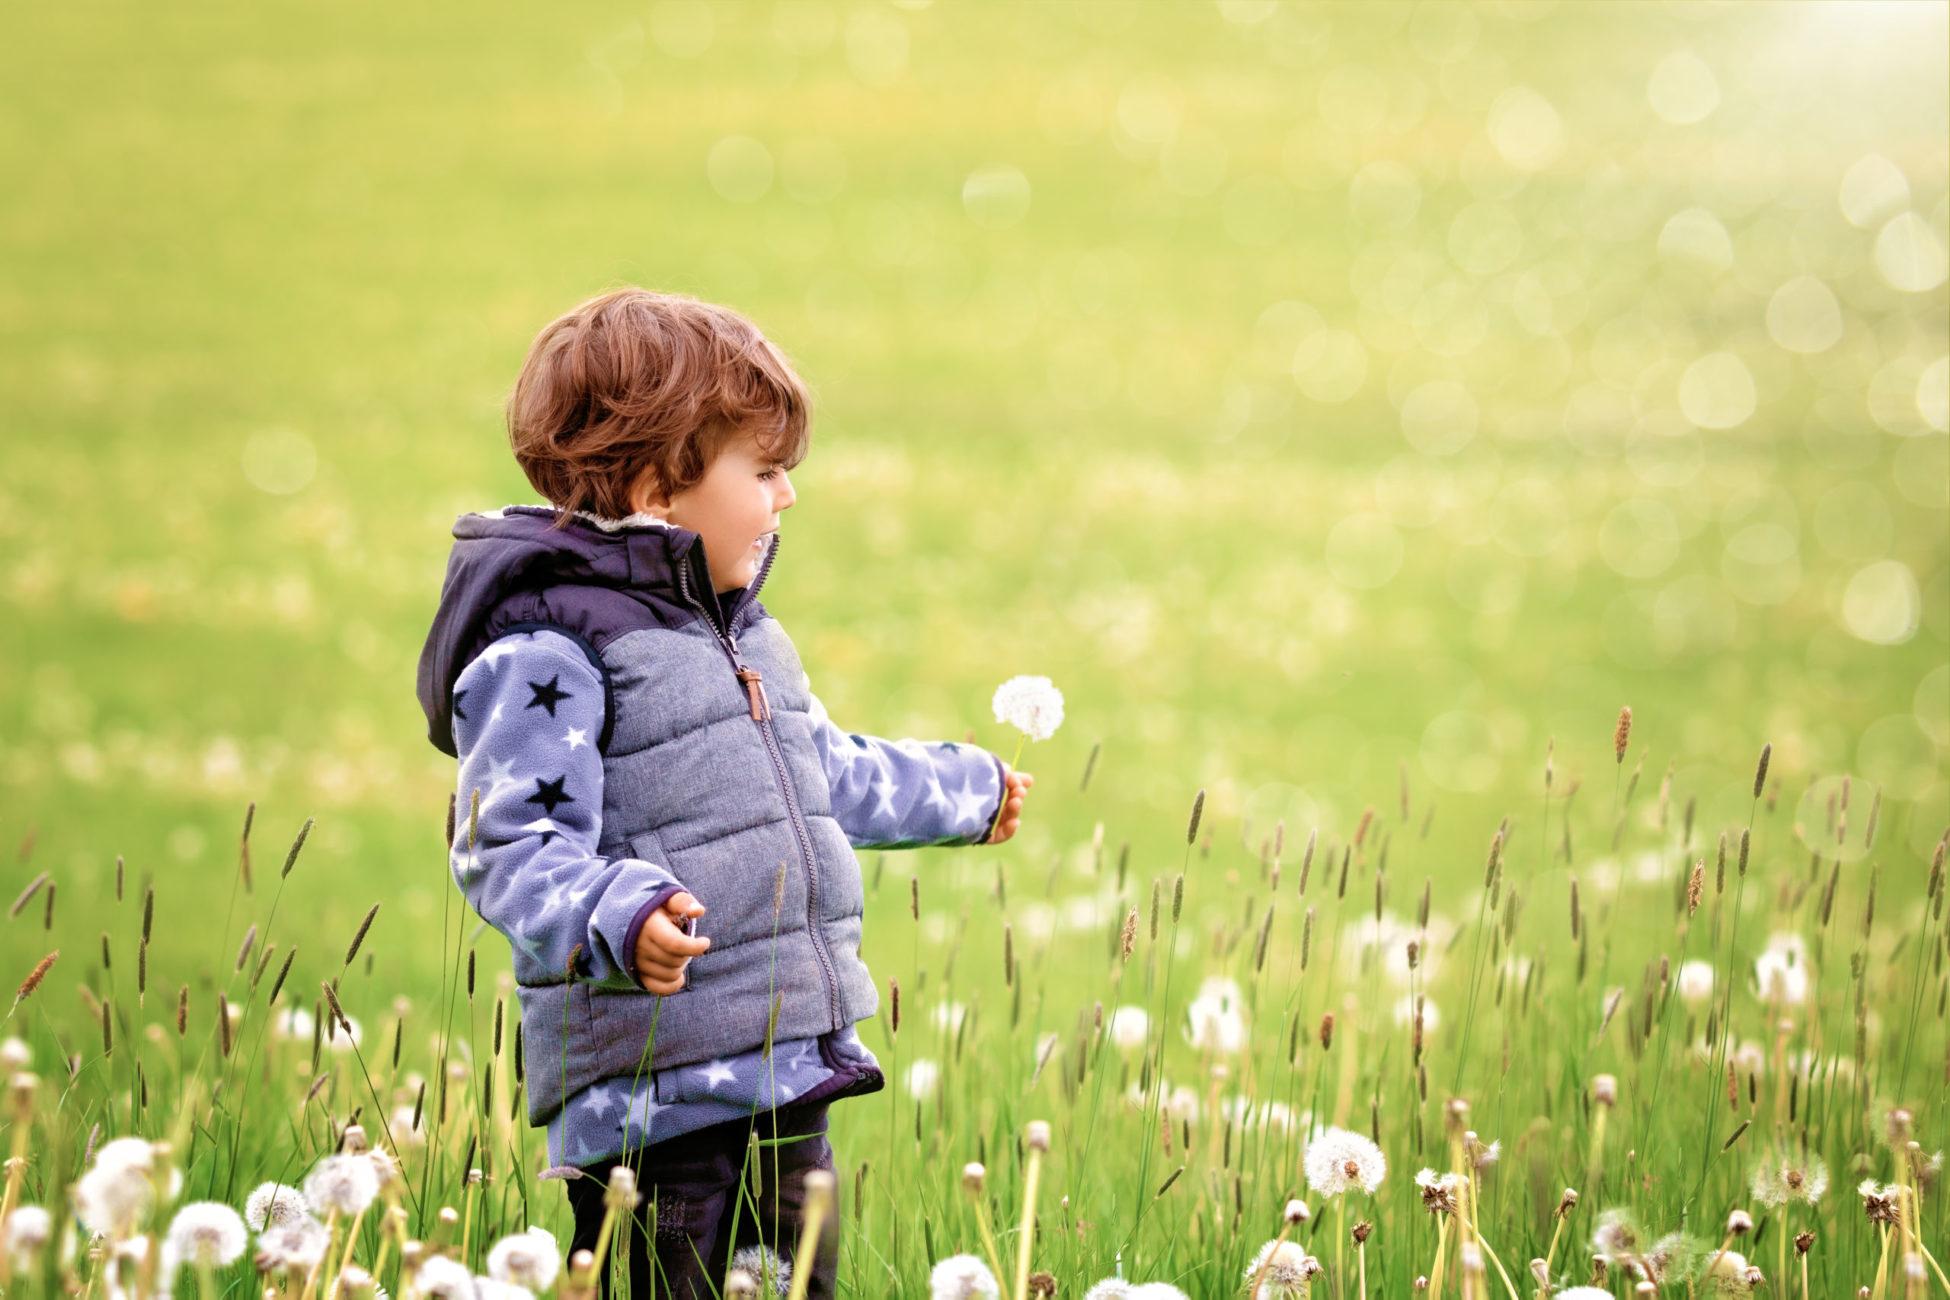 Augenblicke Stefanie Fleischmann Kinderfotograf